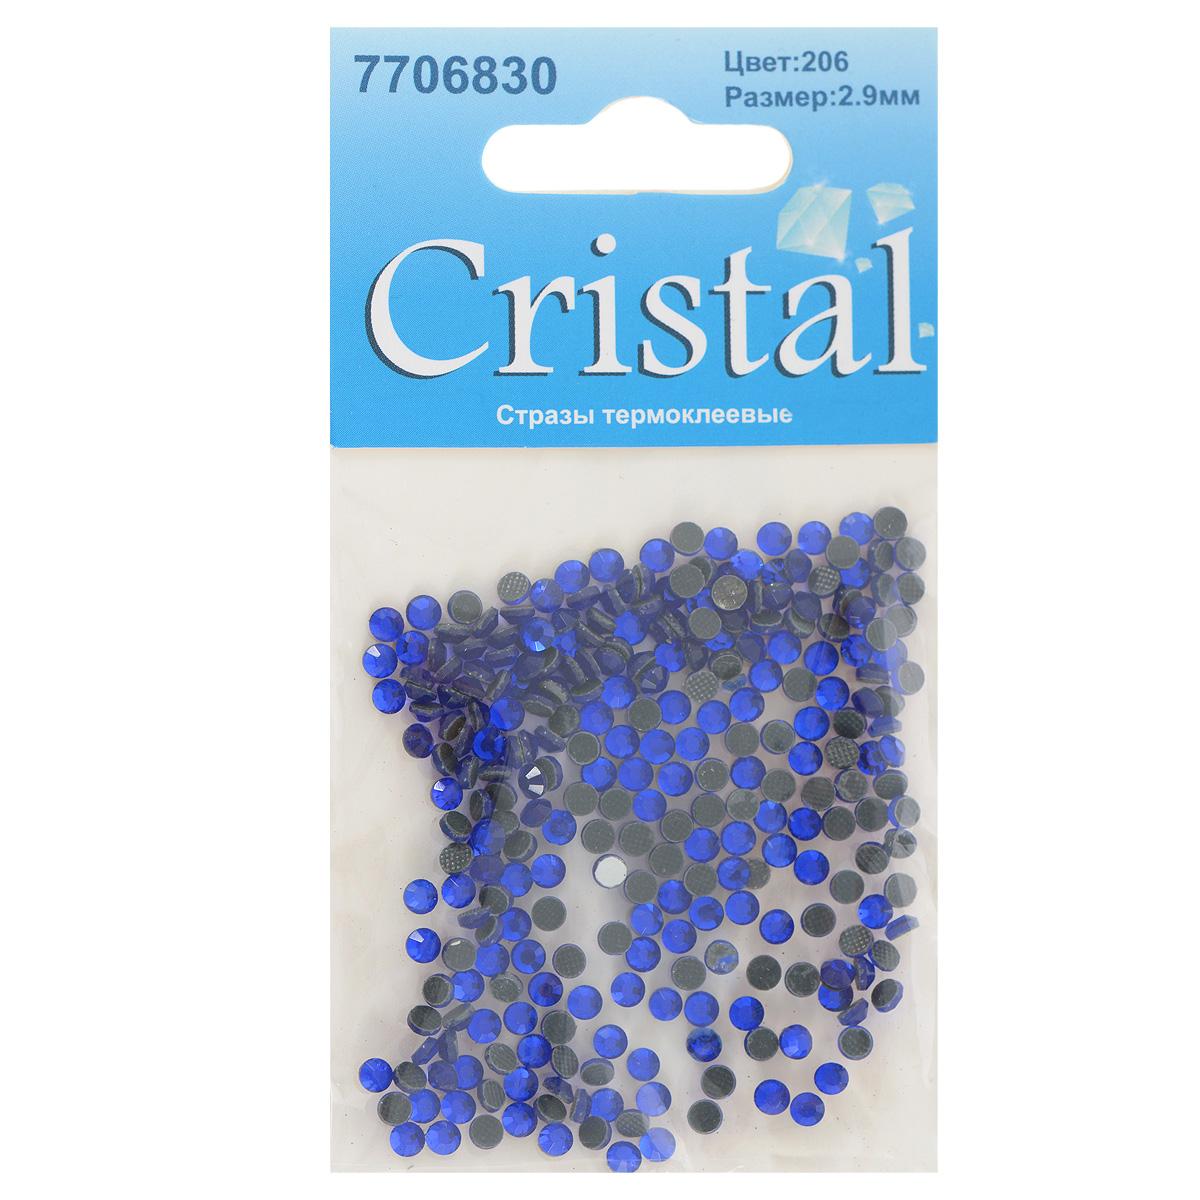 Стразы термоклеевые Cristal, цвет: синий (206), диаметр 2,9 мм, 288 шт7706830_206Набор термоклеевых страз Cristal, изготовленный из высококачественного акрила, позволит вам украсить одежду, аксессуары или текстиль. Яркие стразы имеют плоское дно и круглую поверхность с гранями. Дно термоклеевых страз уже обработано особым клеем, который под воздействием высоких температур начинает плавиться, приклеиваясь, таким образом, к требуемой поверхности. Чаще всего их используют в текстильной промышленности: стразы прикладывают к ткани и проглаживают утюгом с обратной стороны. Также можно использовать специальный паяльник. Украшение стразами поможет сделать любую вещь оригинальной и неповторимой. Диаметр страз: 2,9 мм.